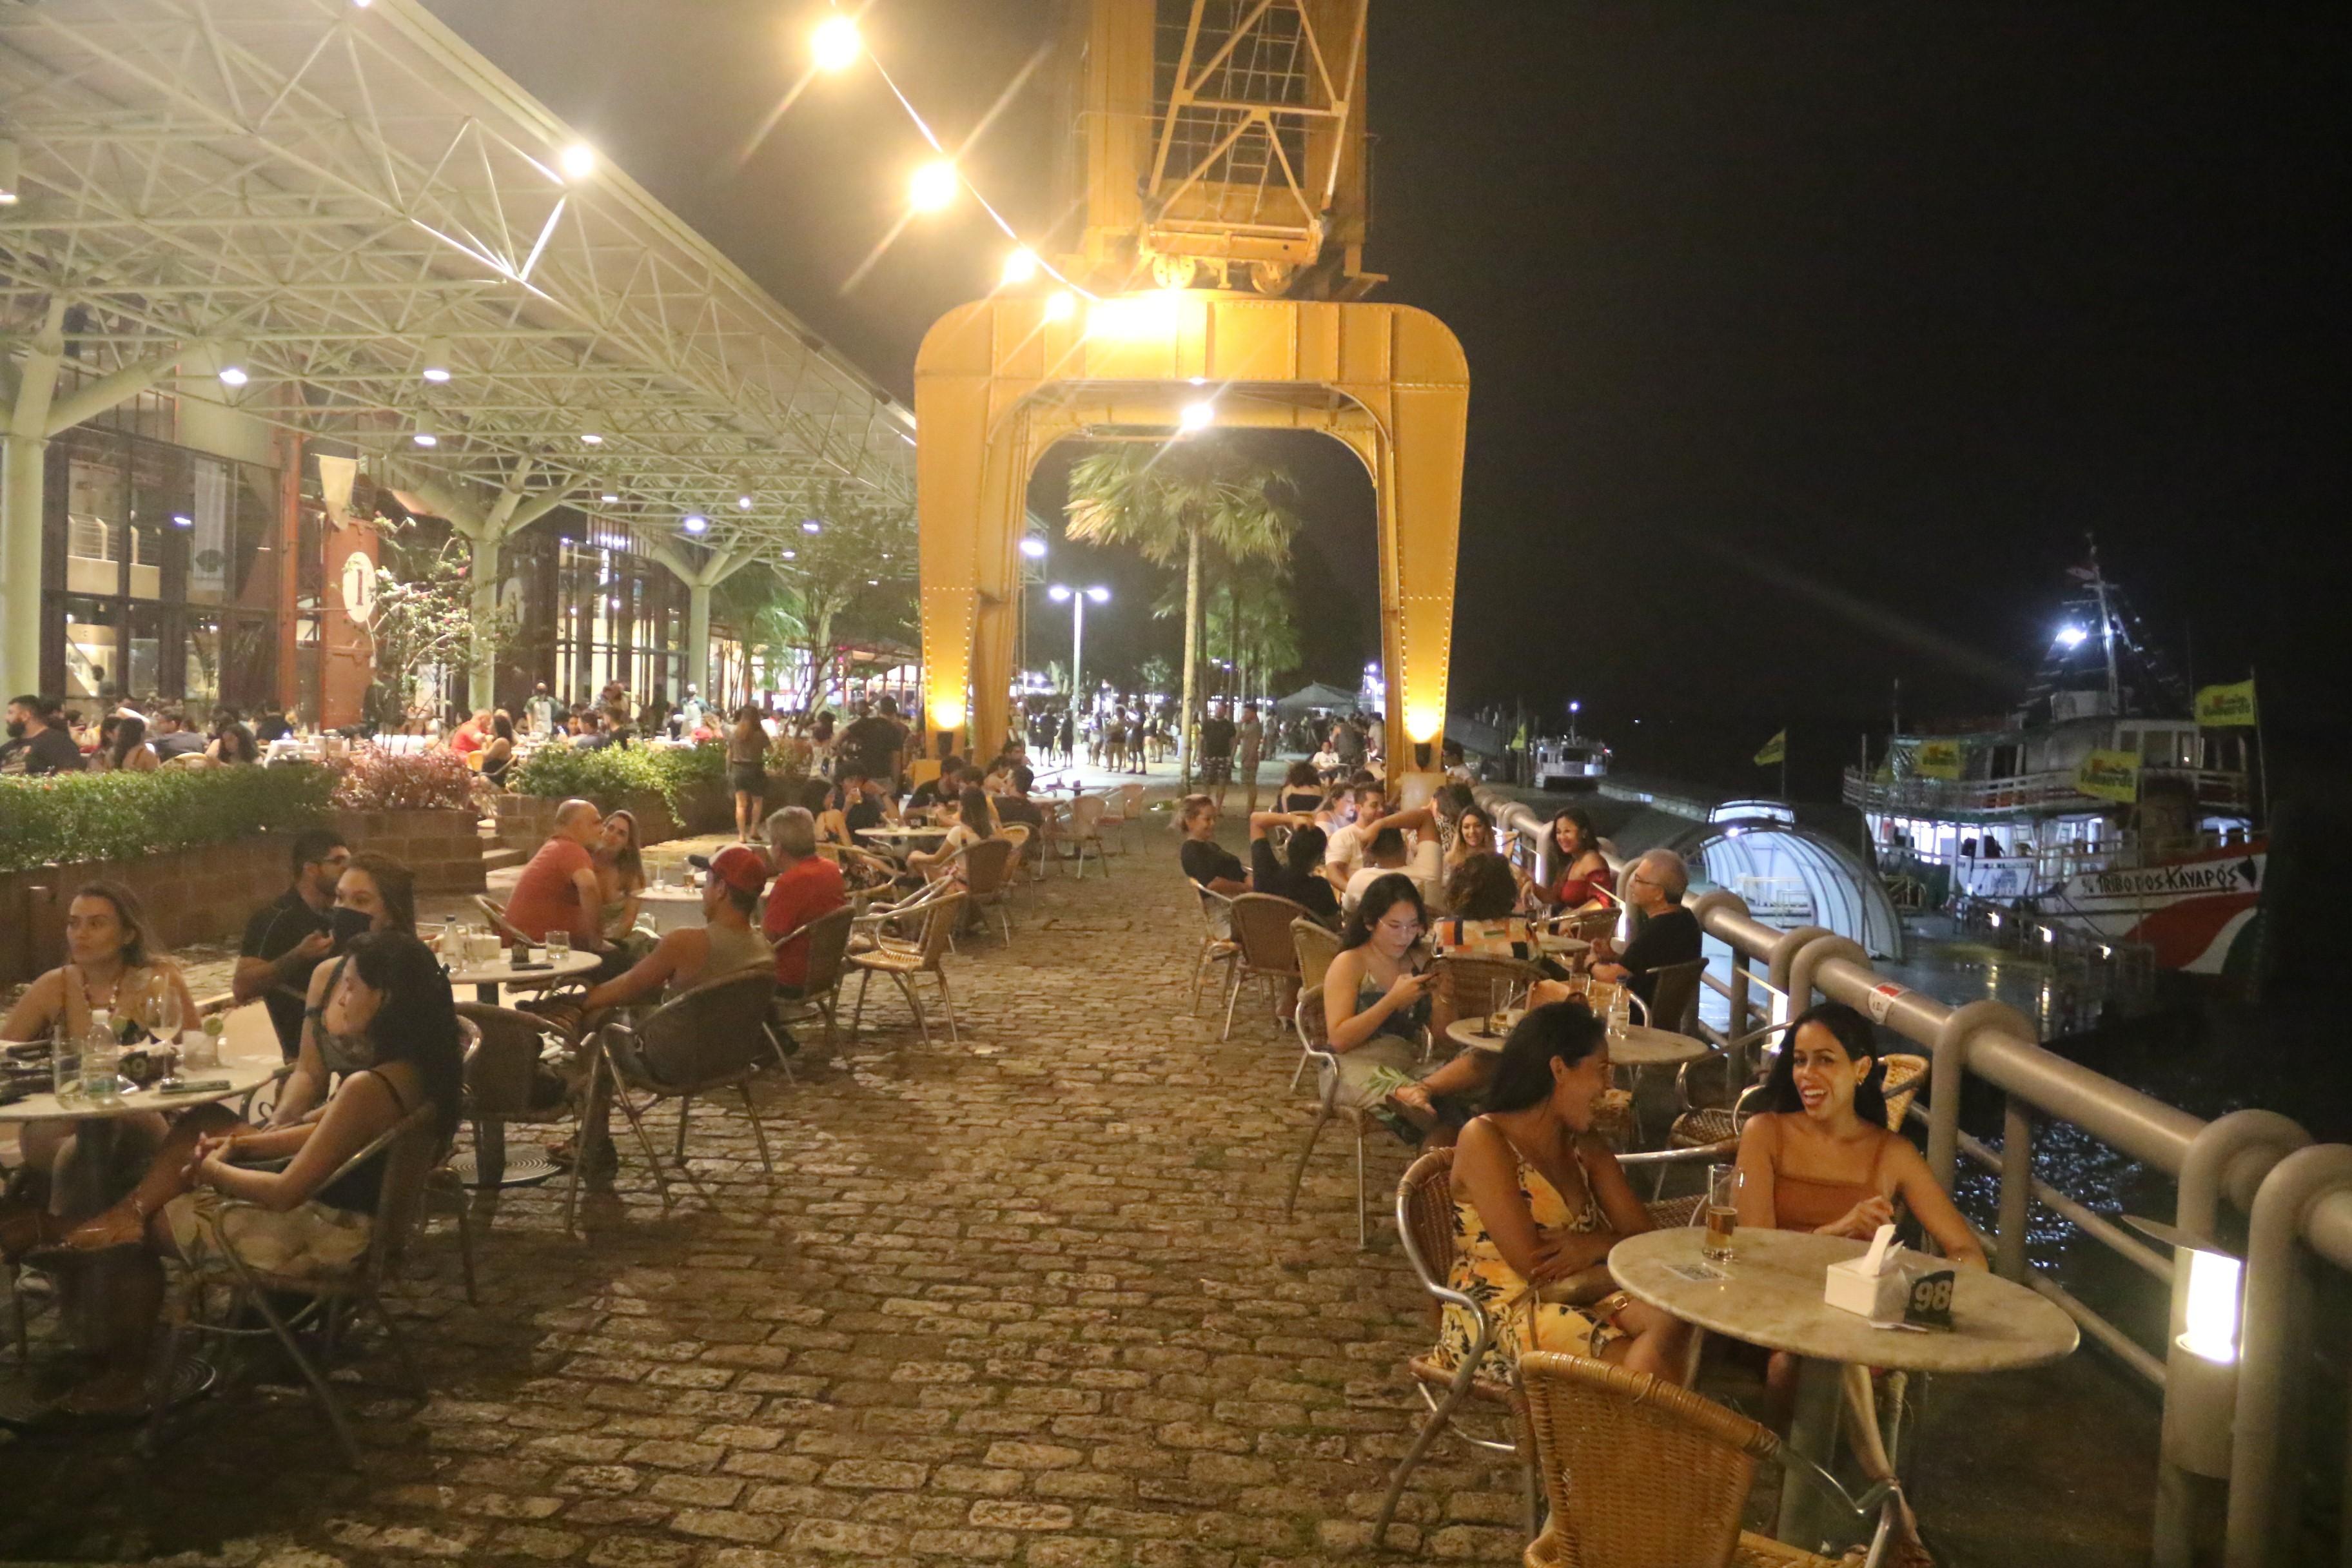 Prefeitura de Belém reduz horário de funcionamento de bares, restaurantes e casas de shows